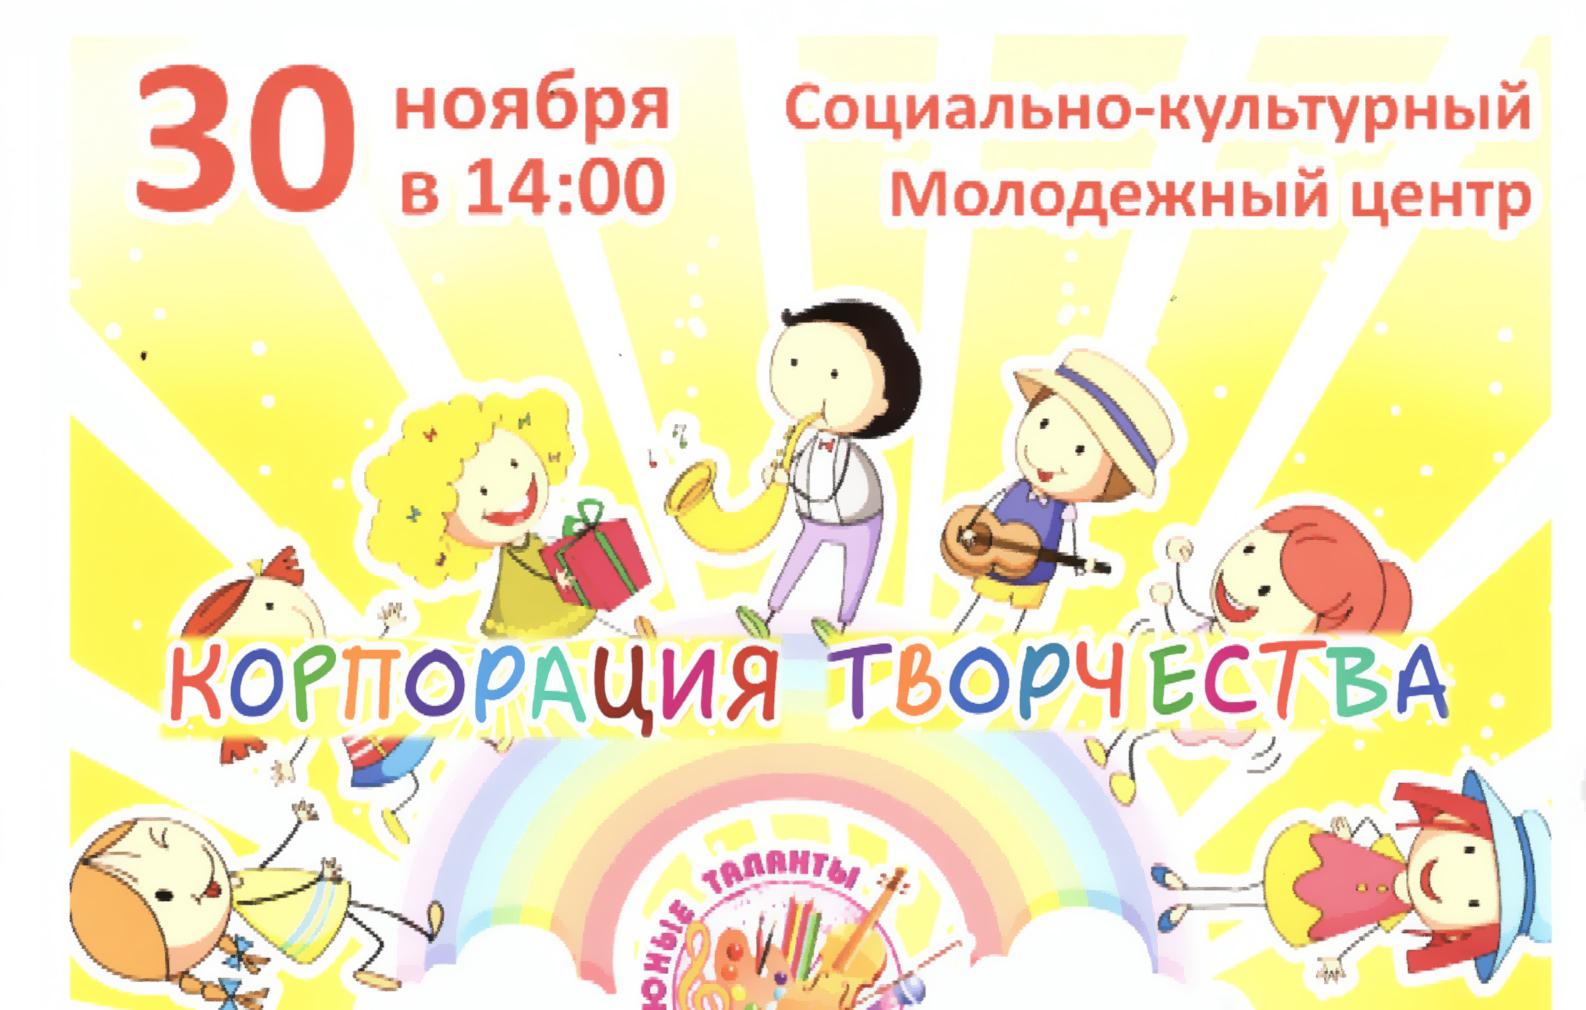 <p>30 ноября в 14:30 на сцене Социально-культурного молодежного центра состоится праздничное представление «Корпорация творчества», приуроченное к 70-летию Центра развития детей и юношества.</p>